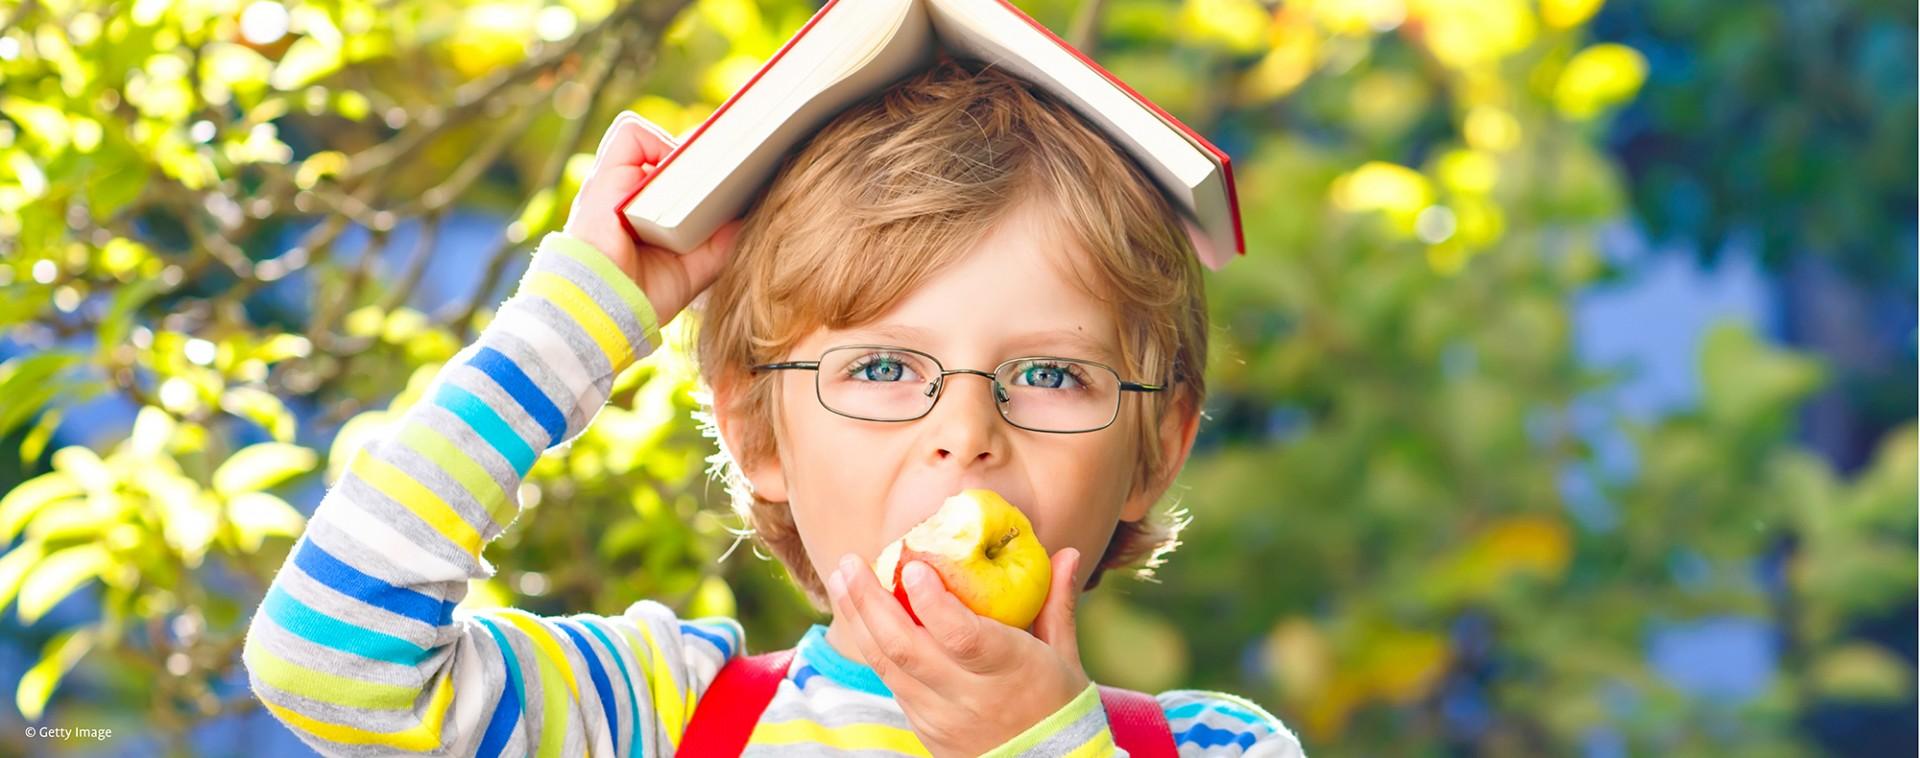 Verlaat de schoolbanken en leer door te ontdekken!   © Getty Images